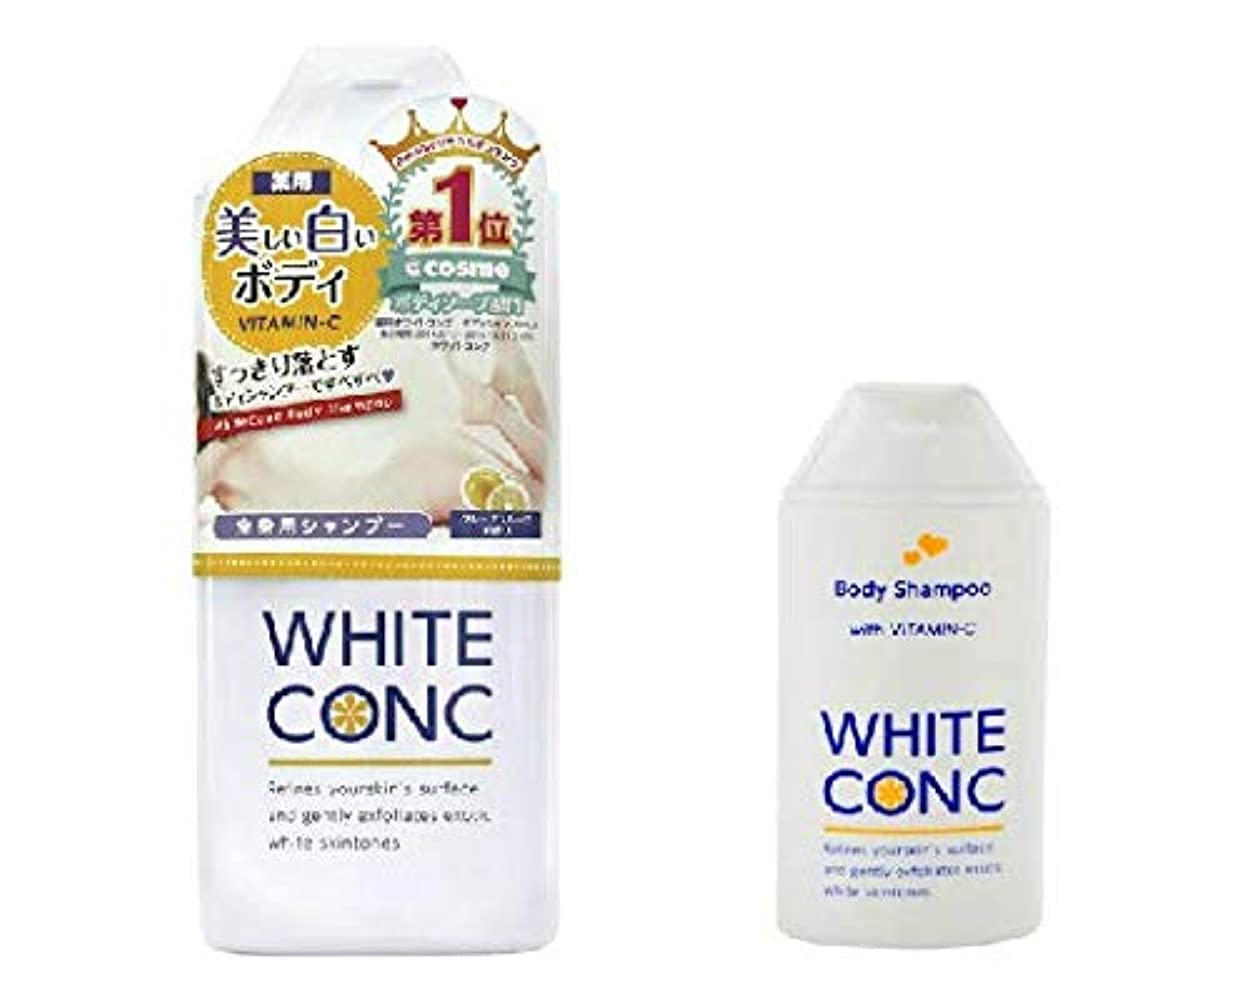 引き出す蓋話す【WHITE CONC(ホワイトコンク)】 ボディシャンプーC Ⅱ_360mL1本&150mL1本